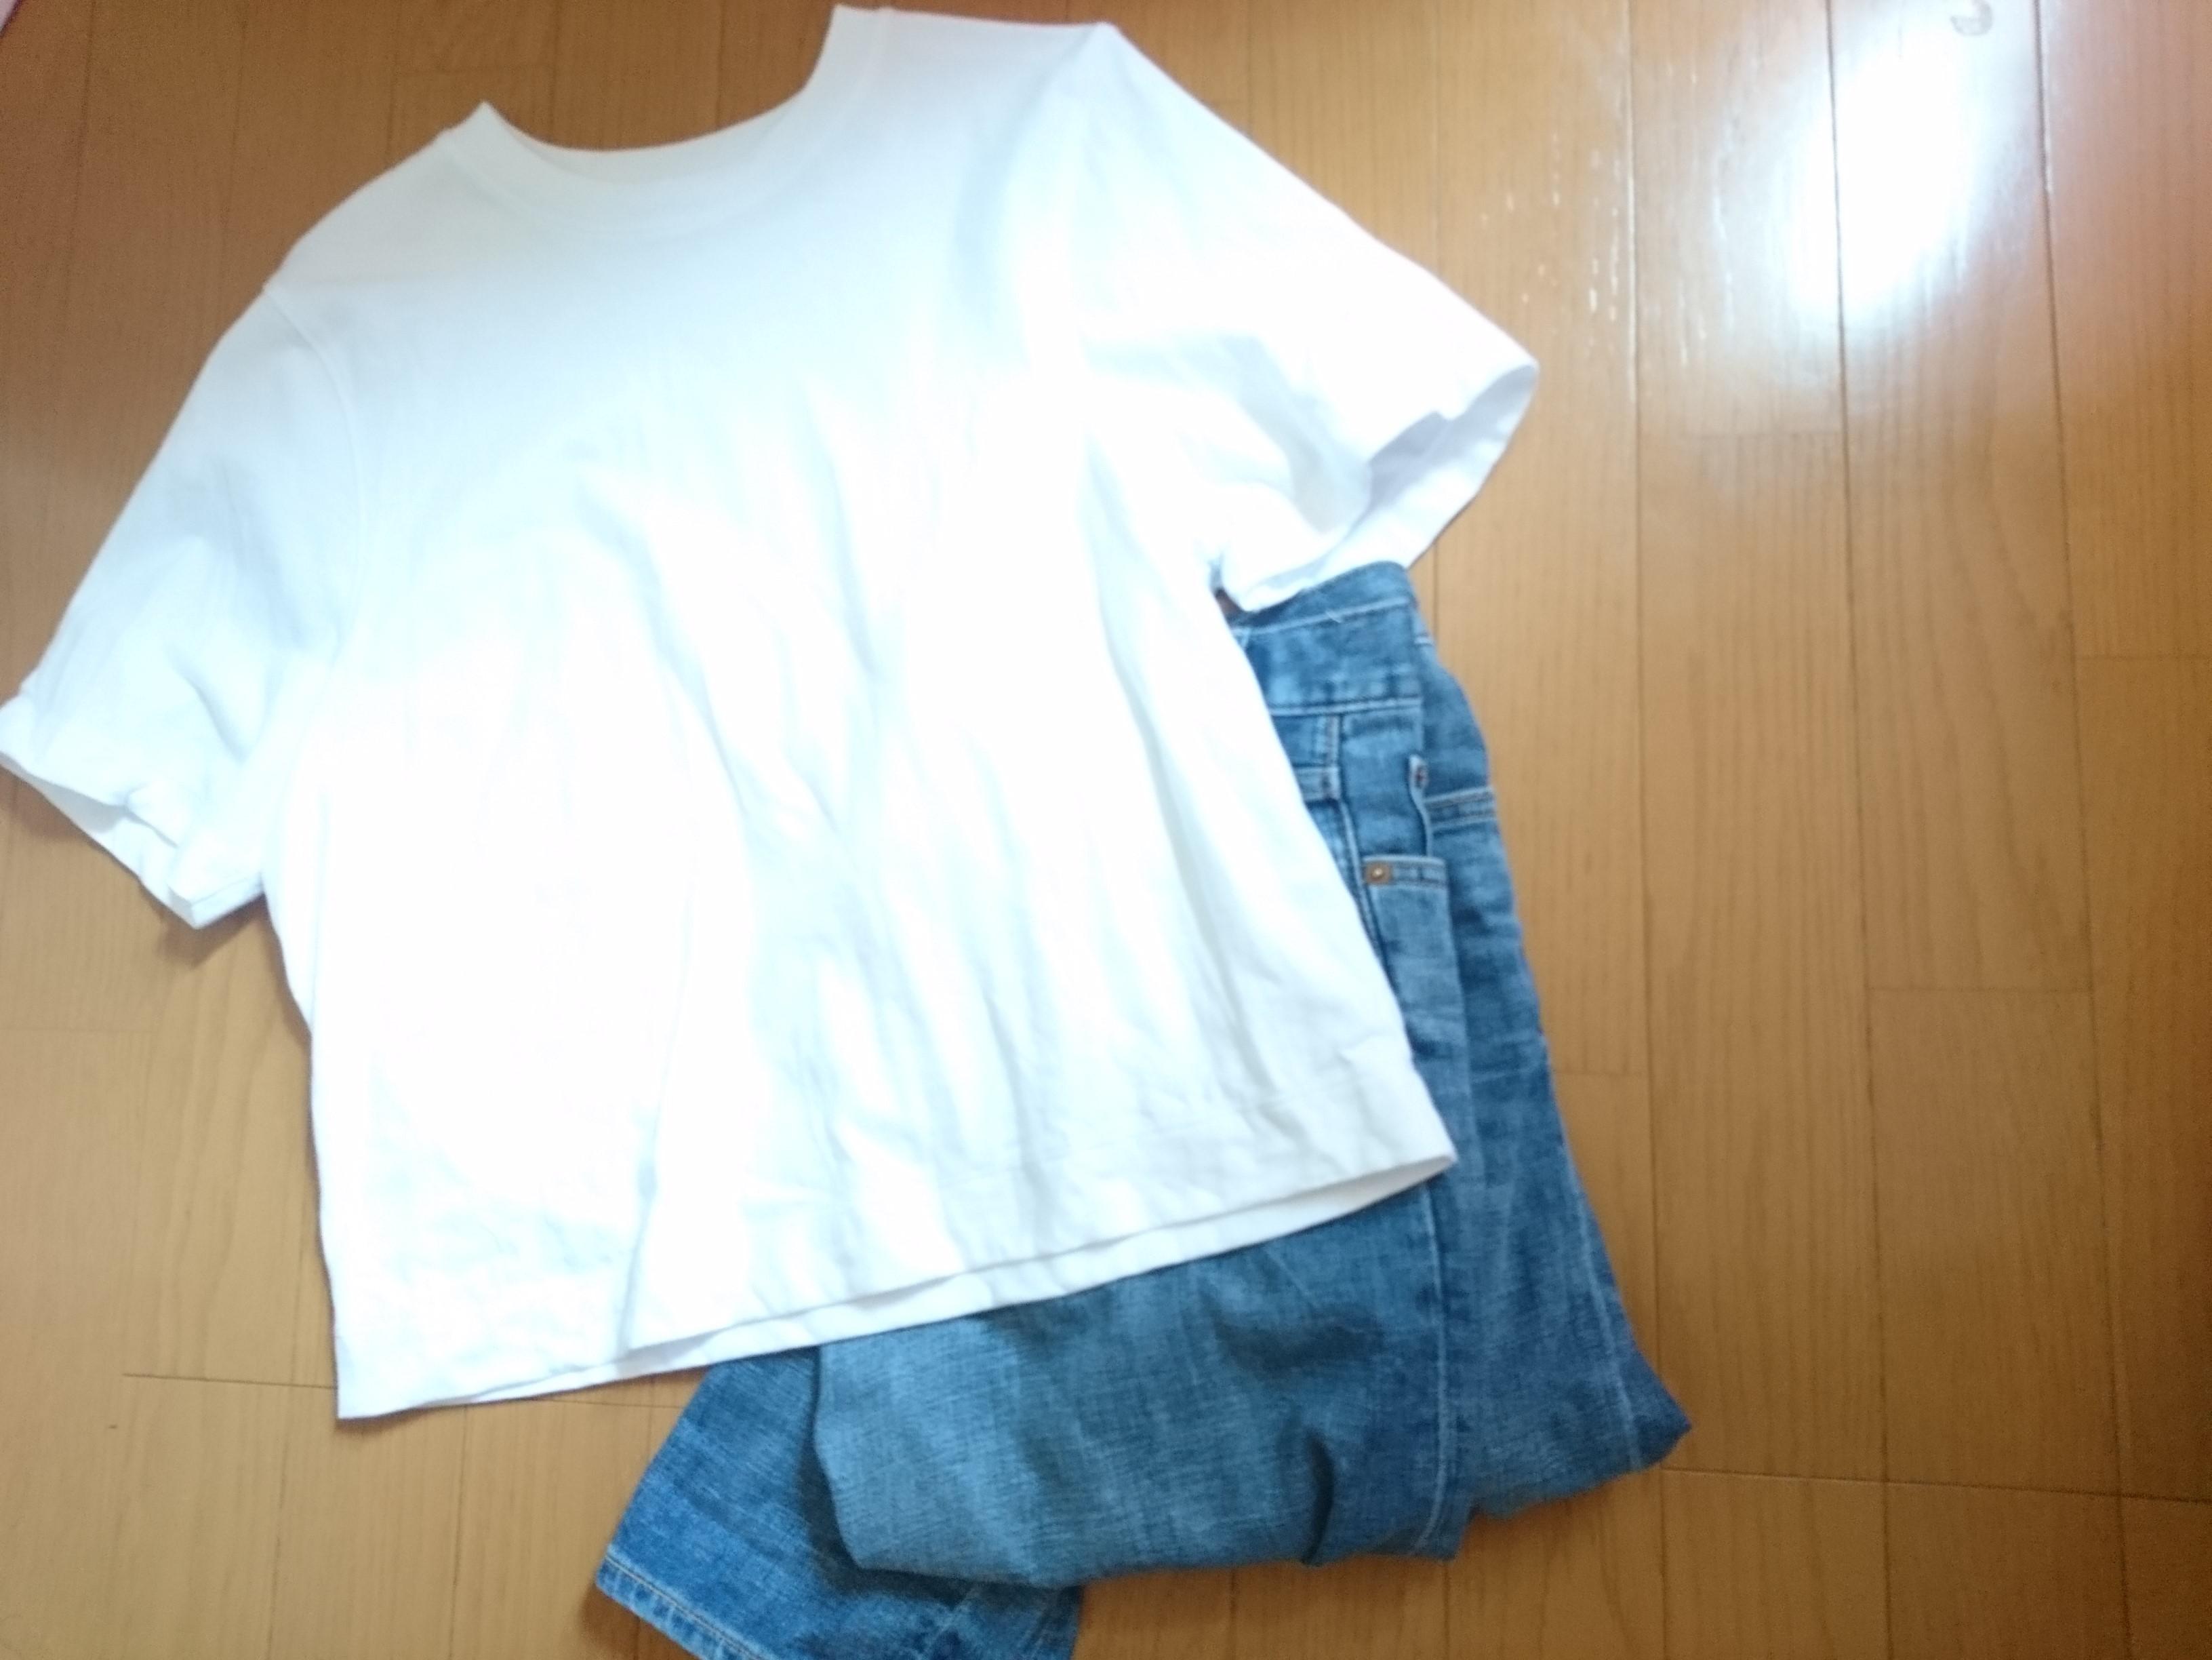 ユニクロのTシャツ特集 - UTやユニクロ ユーなど、夏の定番無地Tシャツ、限定コラボTシャツまとめ_17